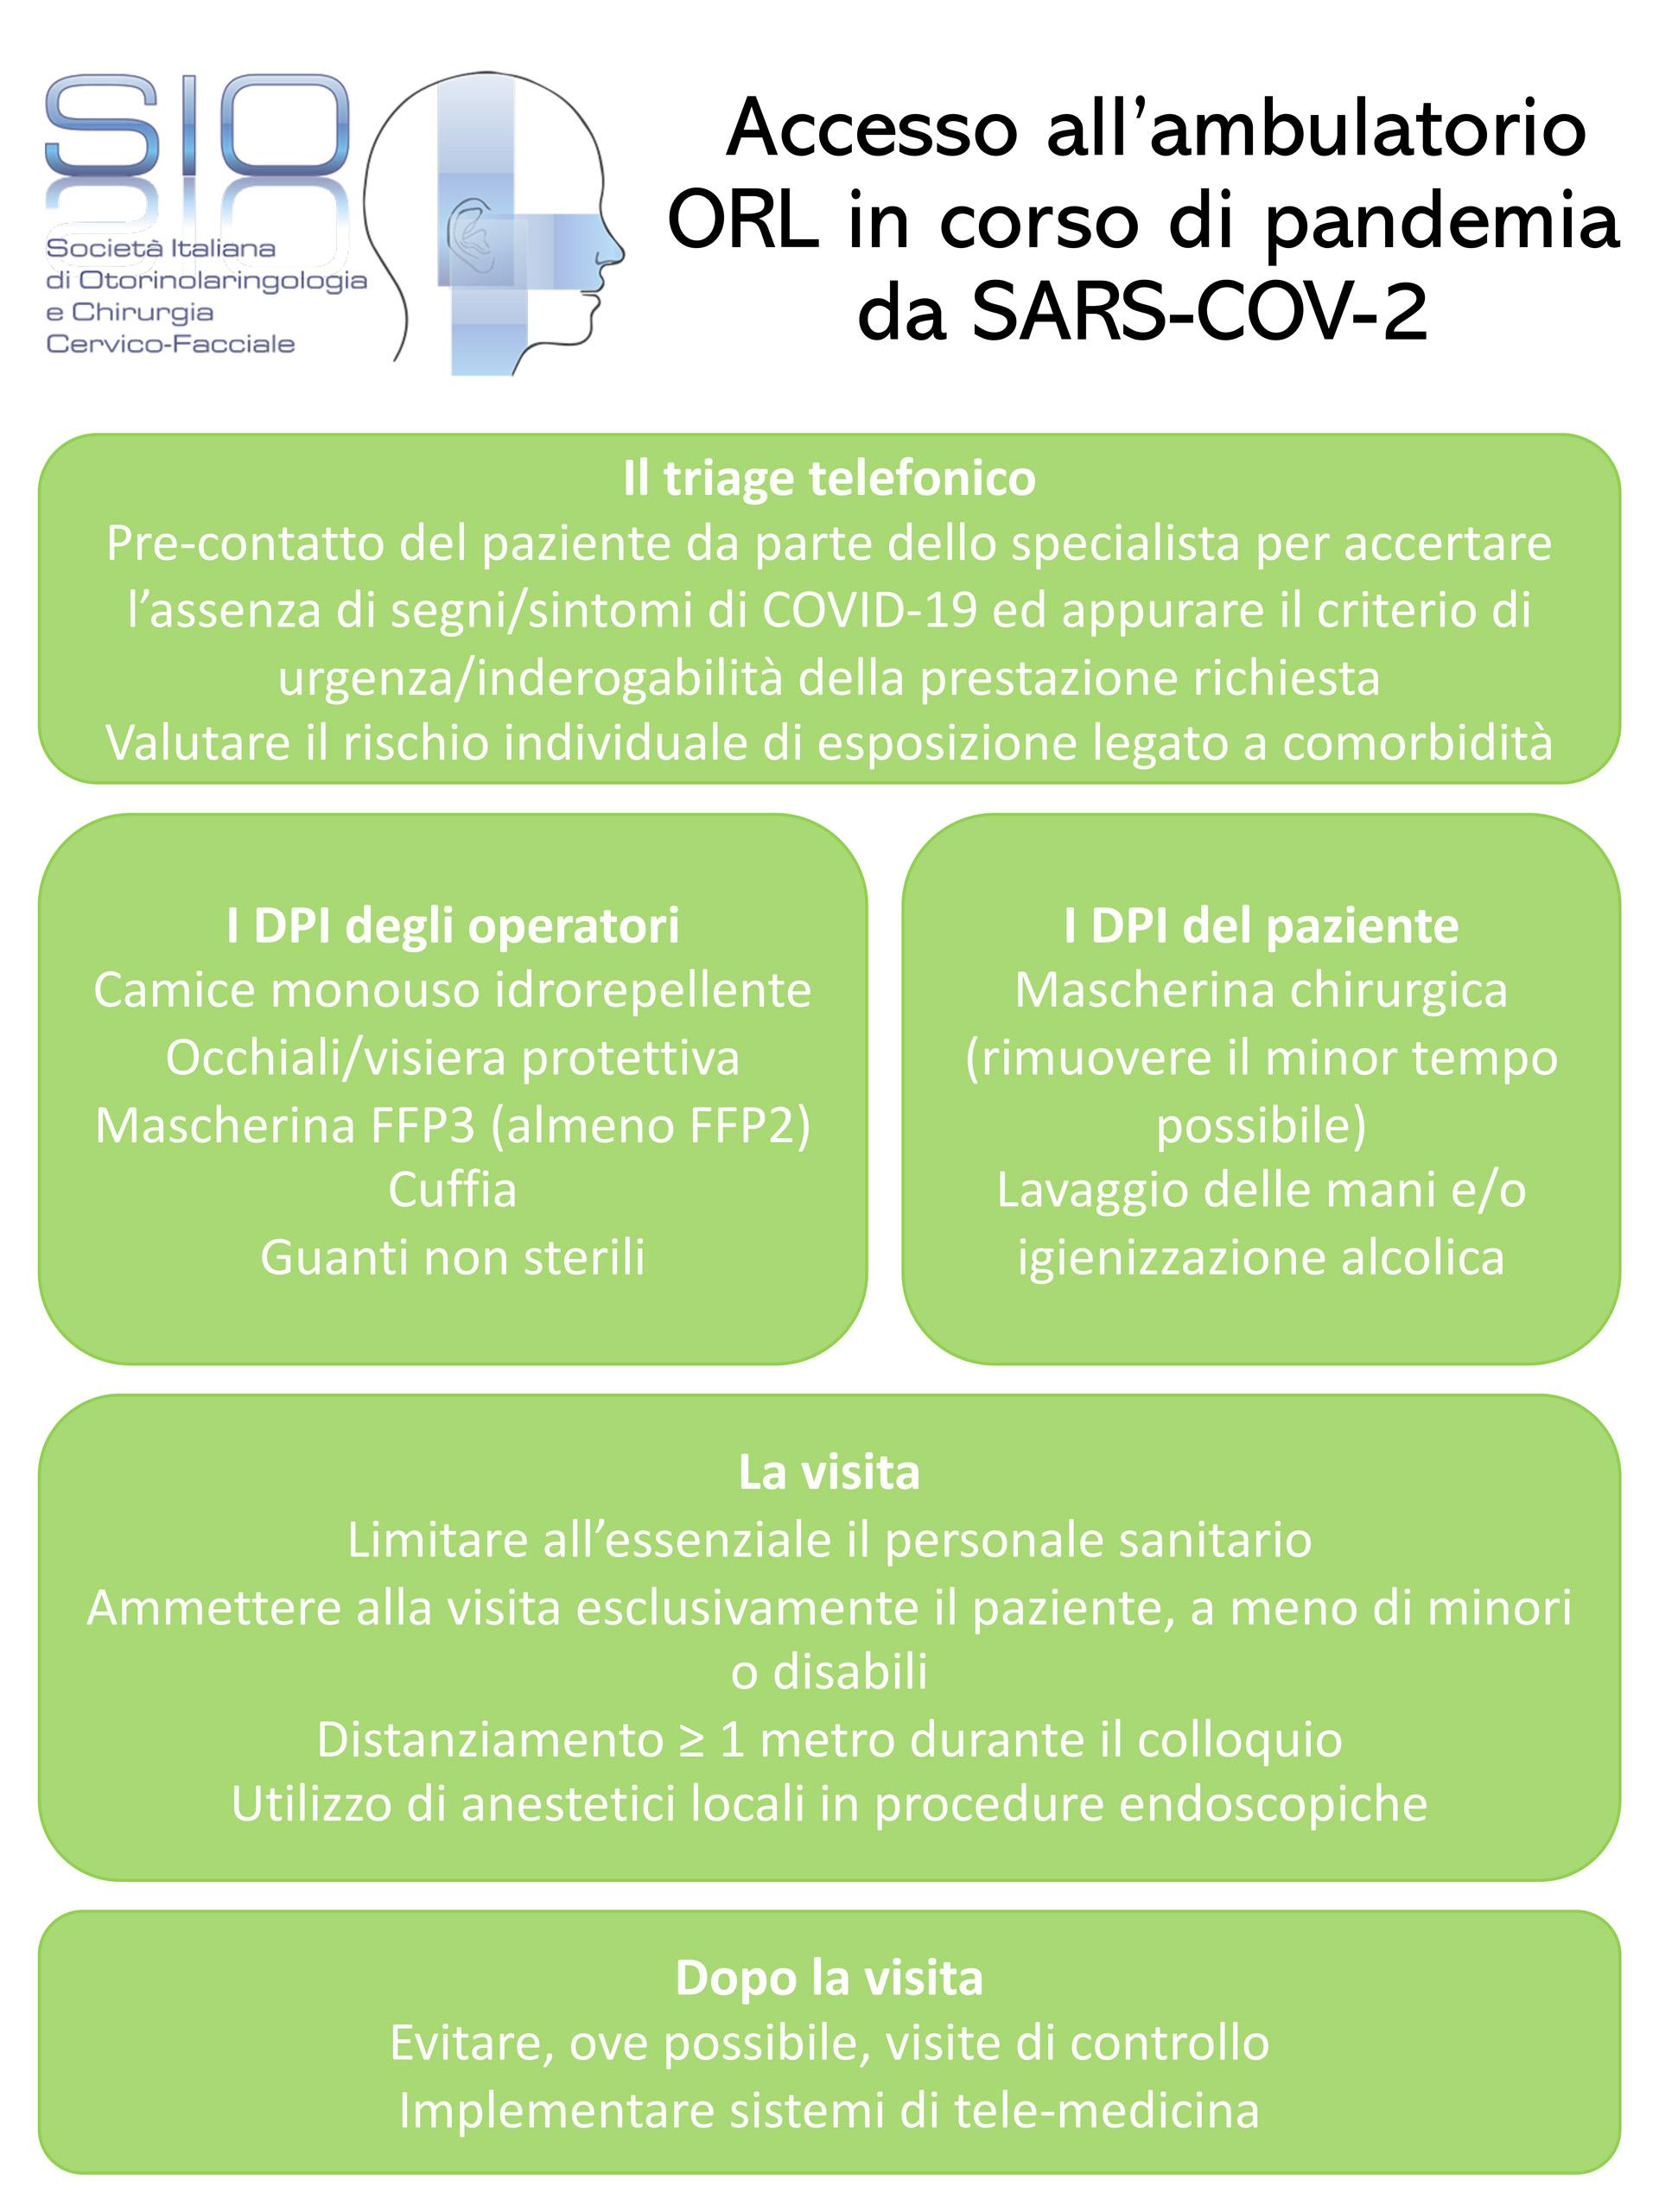 Accesso-all'ambulatorio-ORL-in-corso-di-pandemia-da-SARS-COV-2